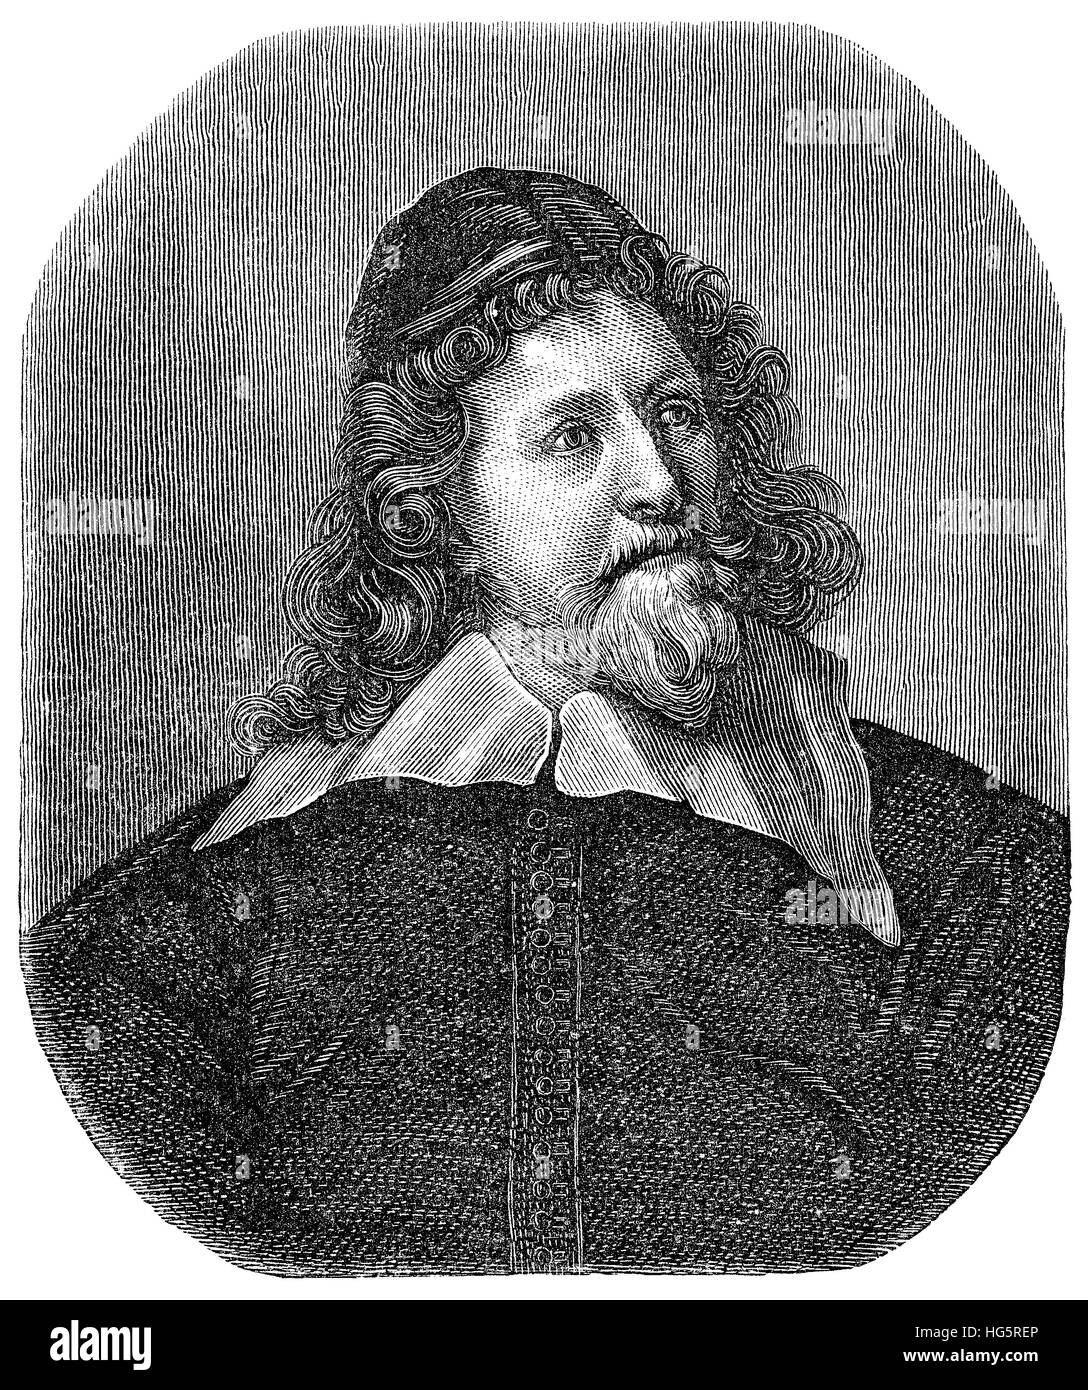 Grabado en blanco y negro del arquitecto Inigo Jones, después de la pintura por Anthony Van Dyck, desde noviembre Imagen De Stock